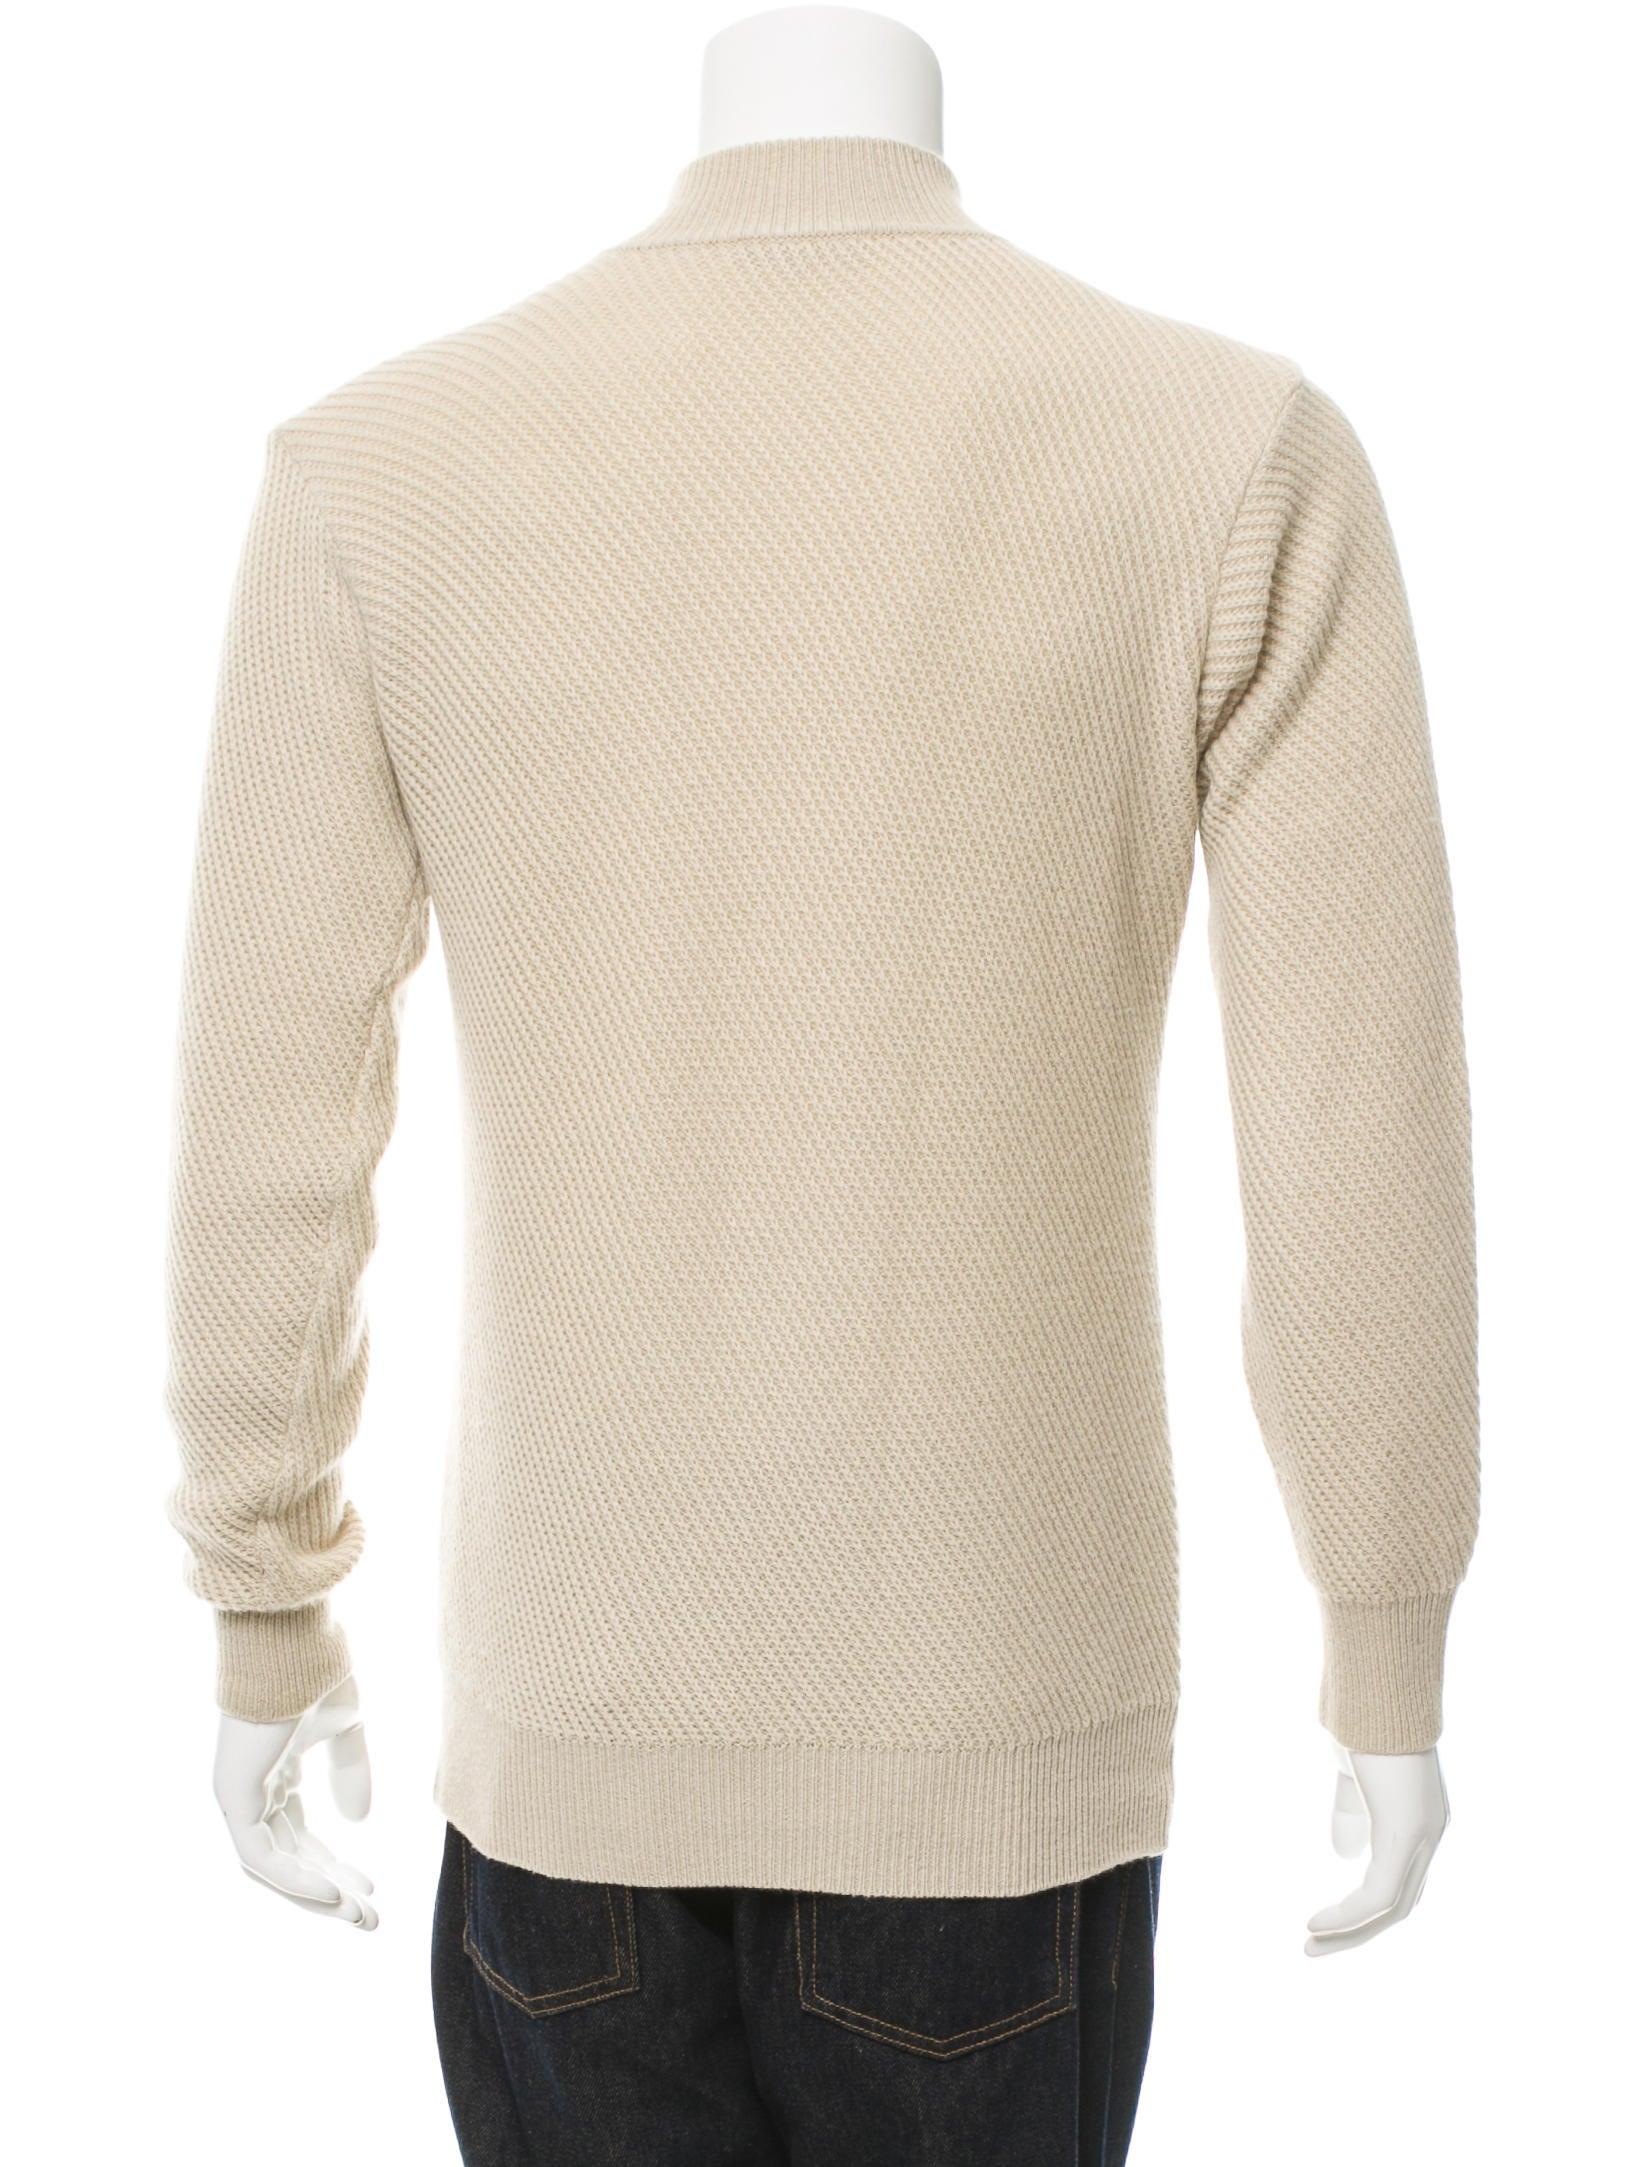 Knitting Pattern Half Zip Sweater : Loro Piana Rib Knit Half-Zip Sweater - Clothing - LOR34488 The RealReal